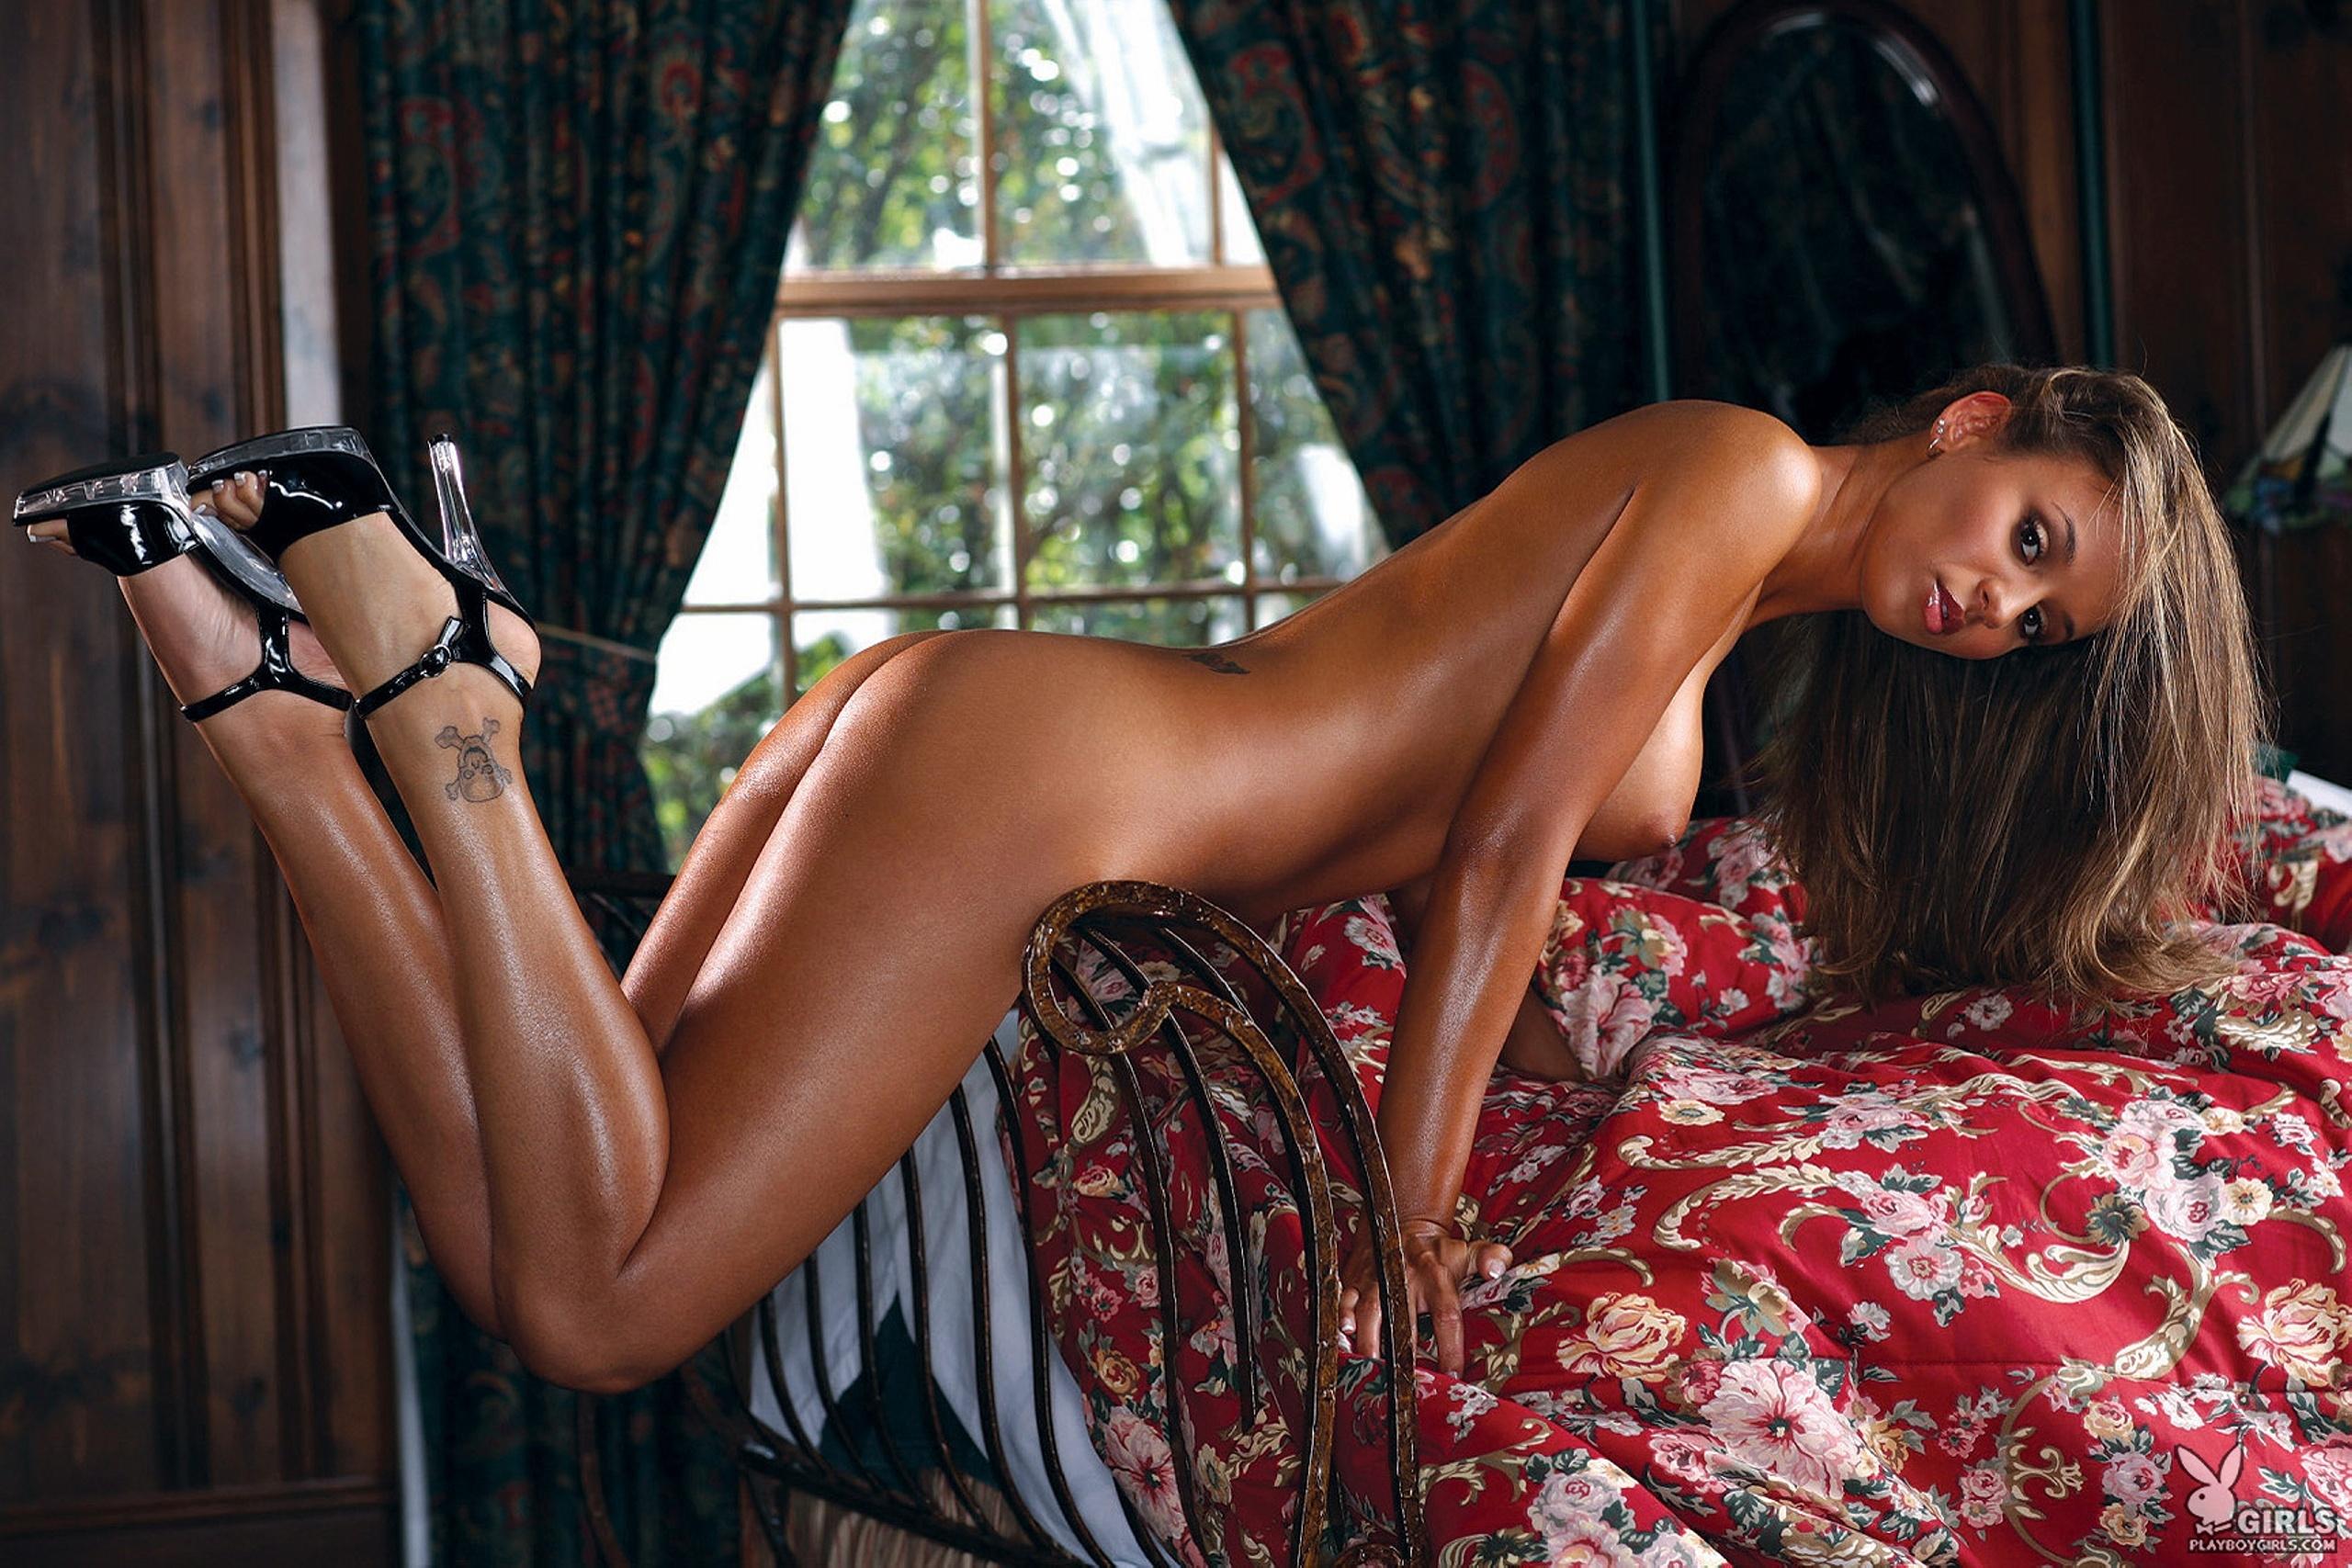 Секс на кованой кровате фото 11 фотография